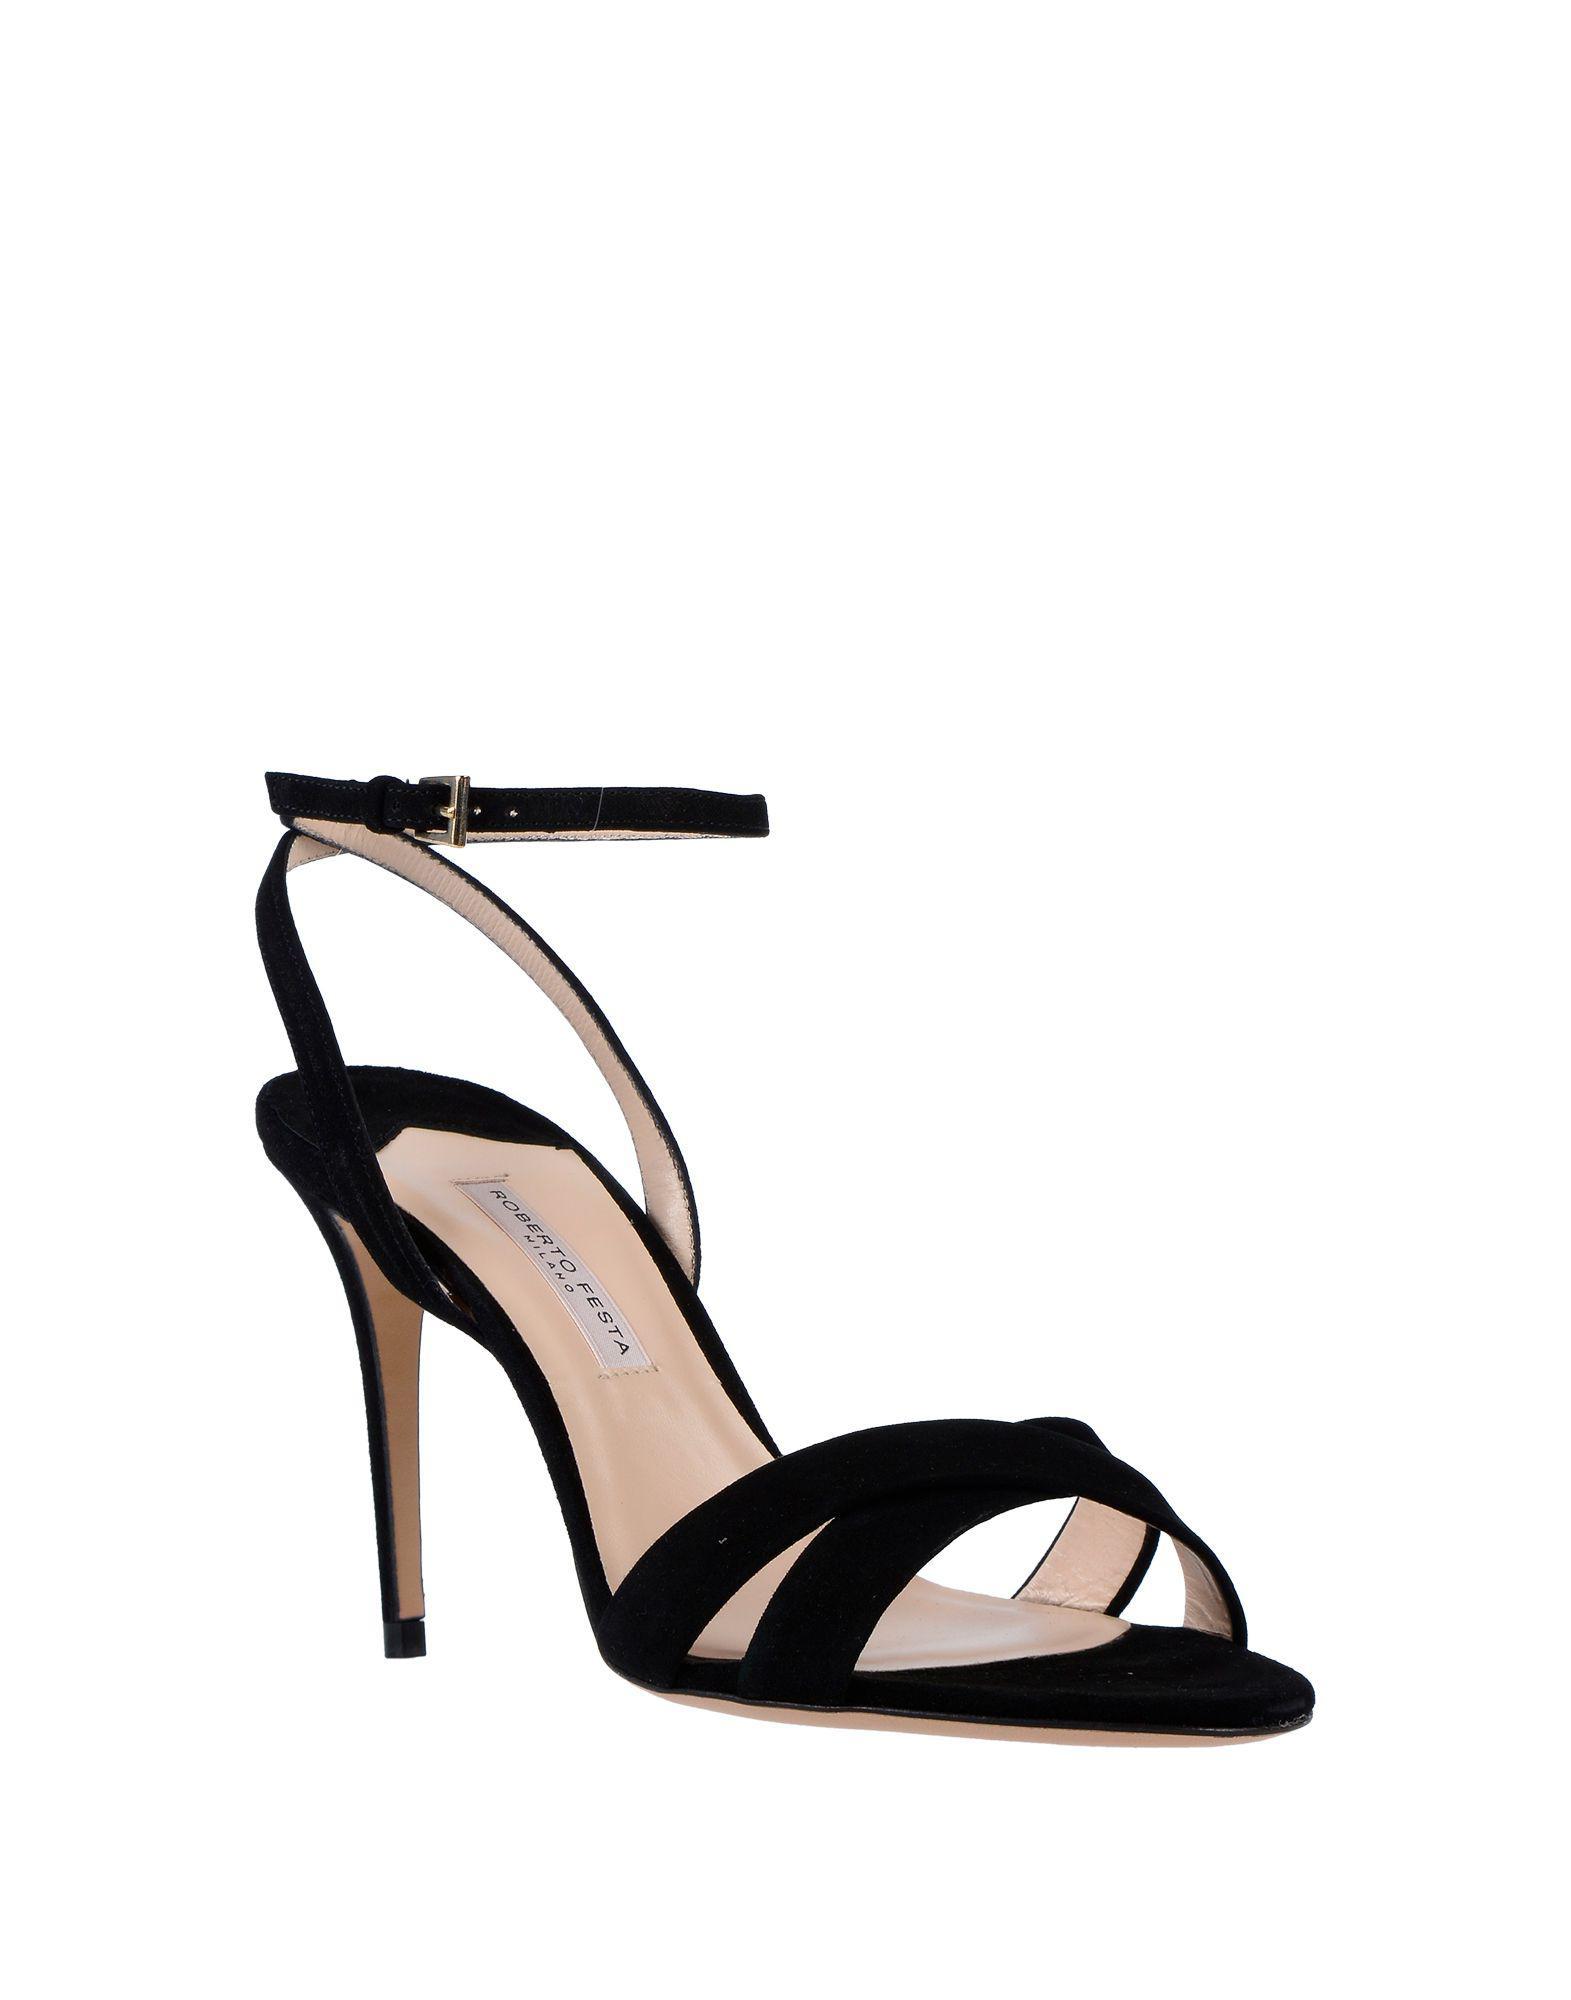 e0351c0e8b4 Roberto Festa Sandals in Black - Lyst